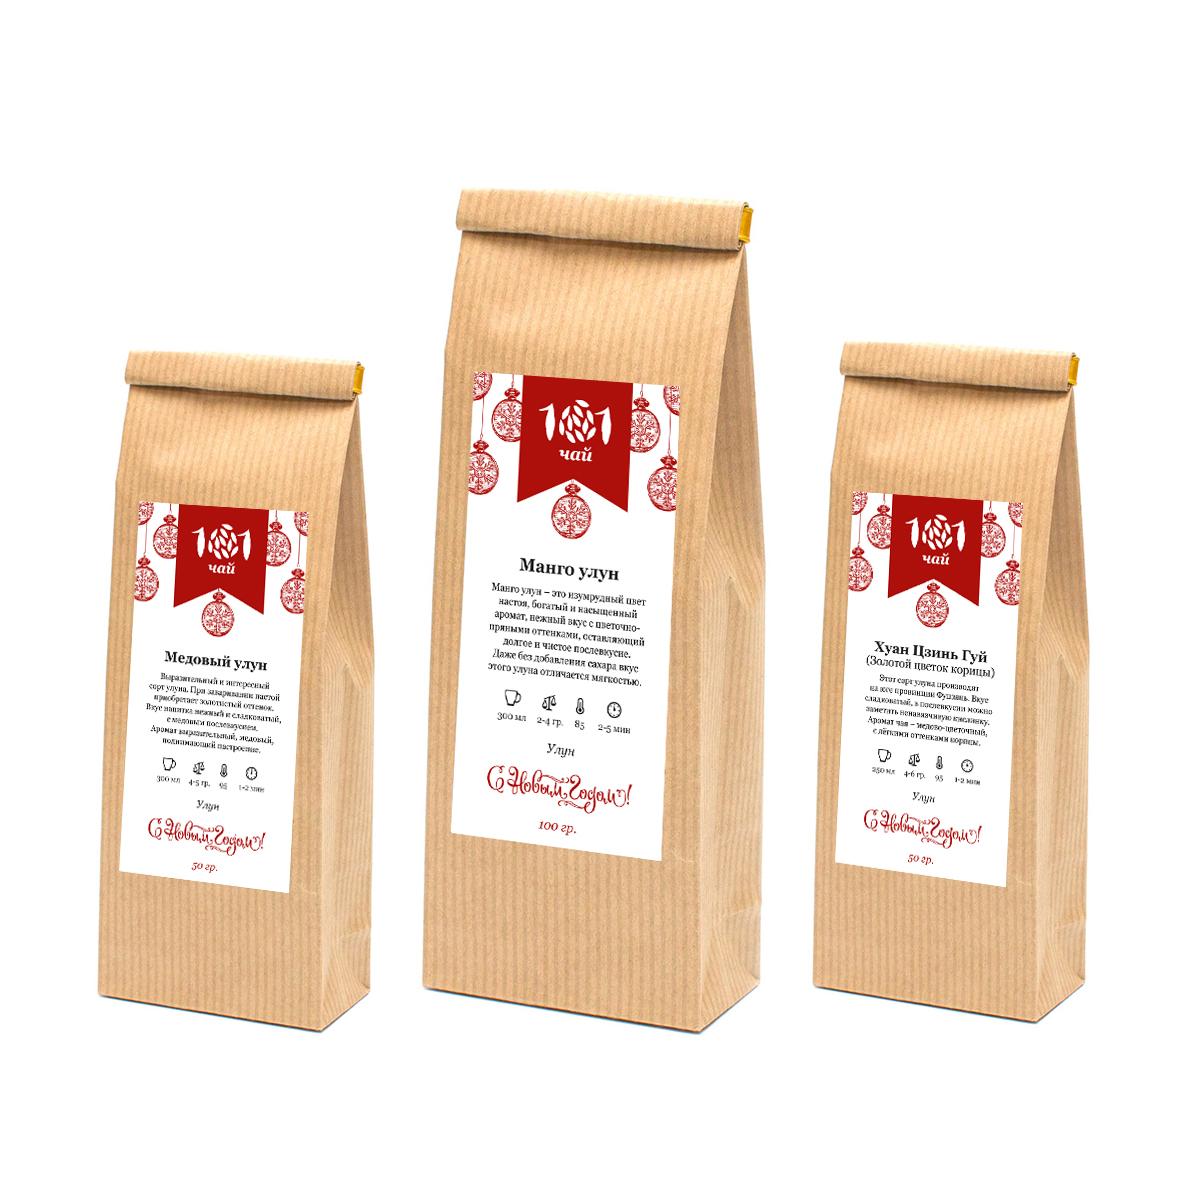 Подарочный набор улуна Куранты (лот - 50 шт) набор крем меда подарочный вкуснолето медовый сад 3 шт по 35 г